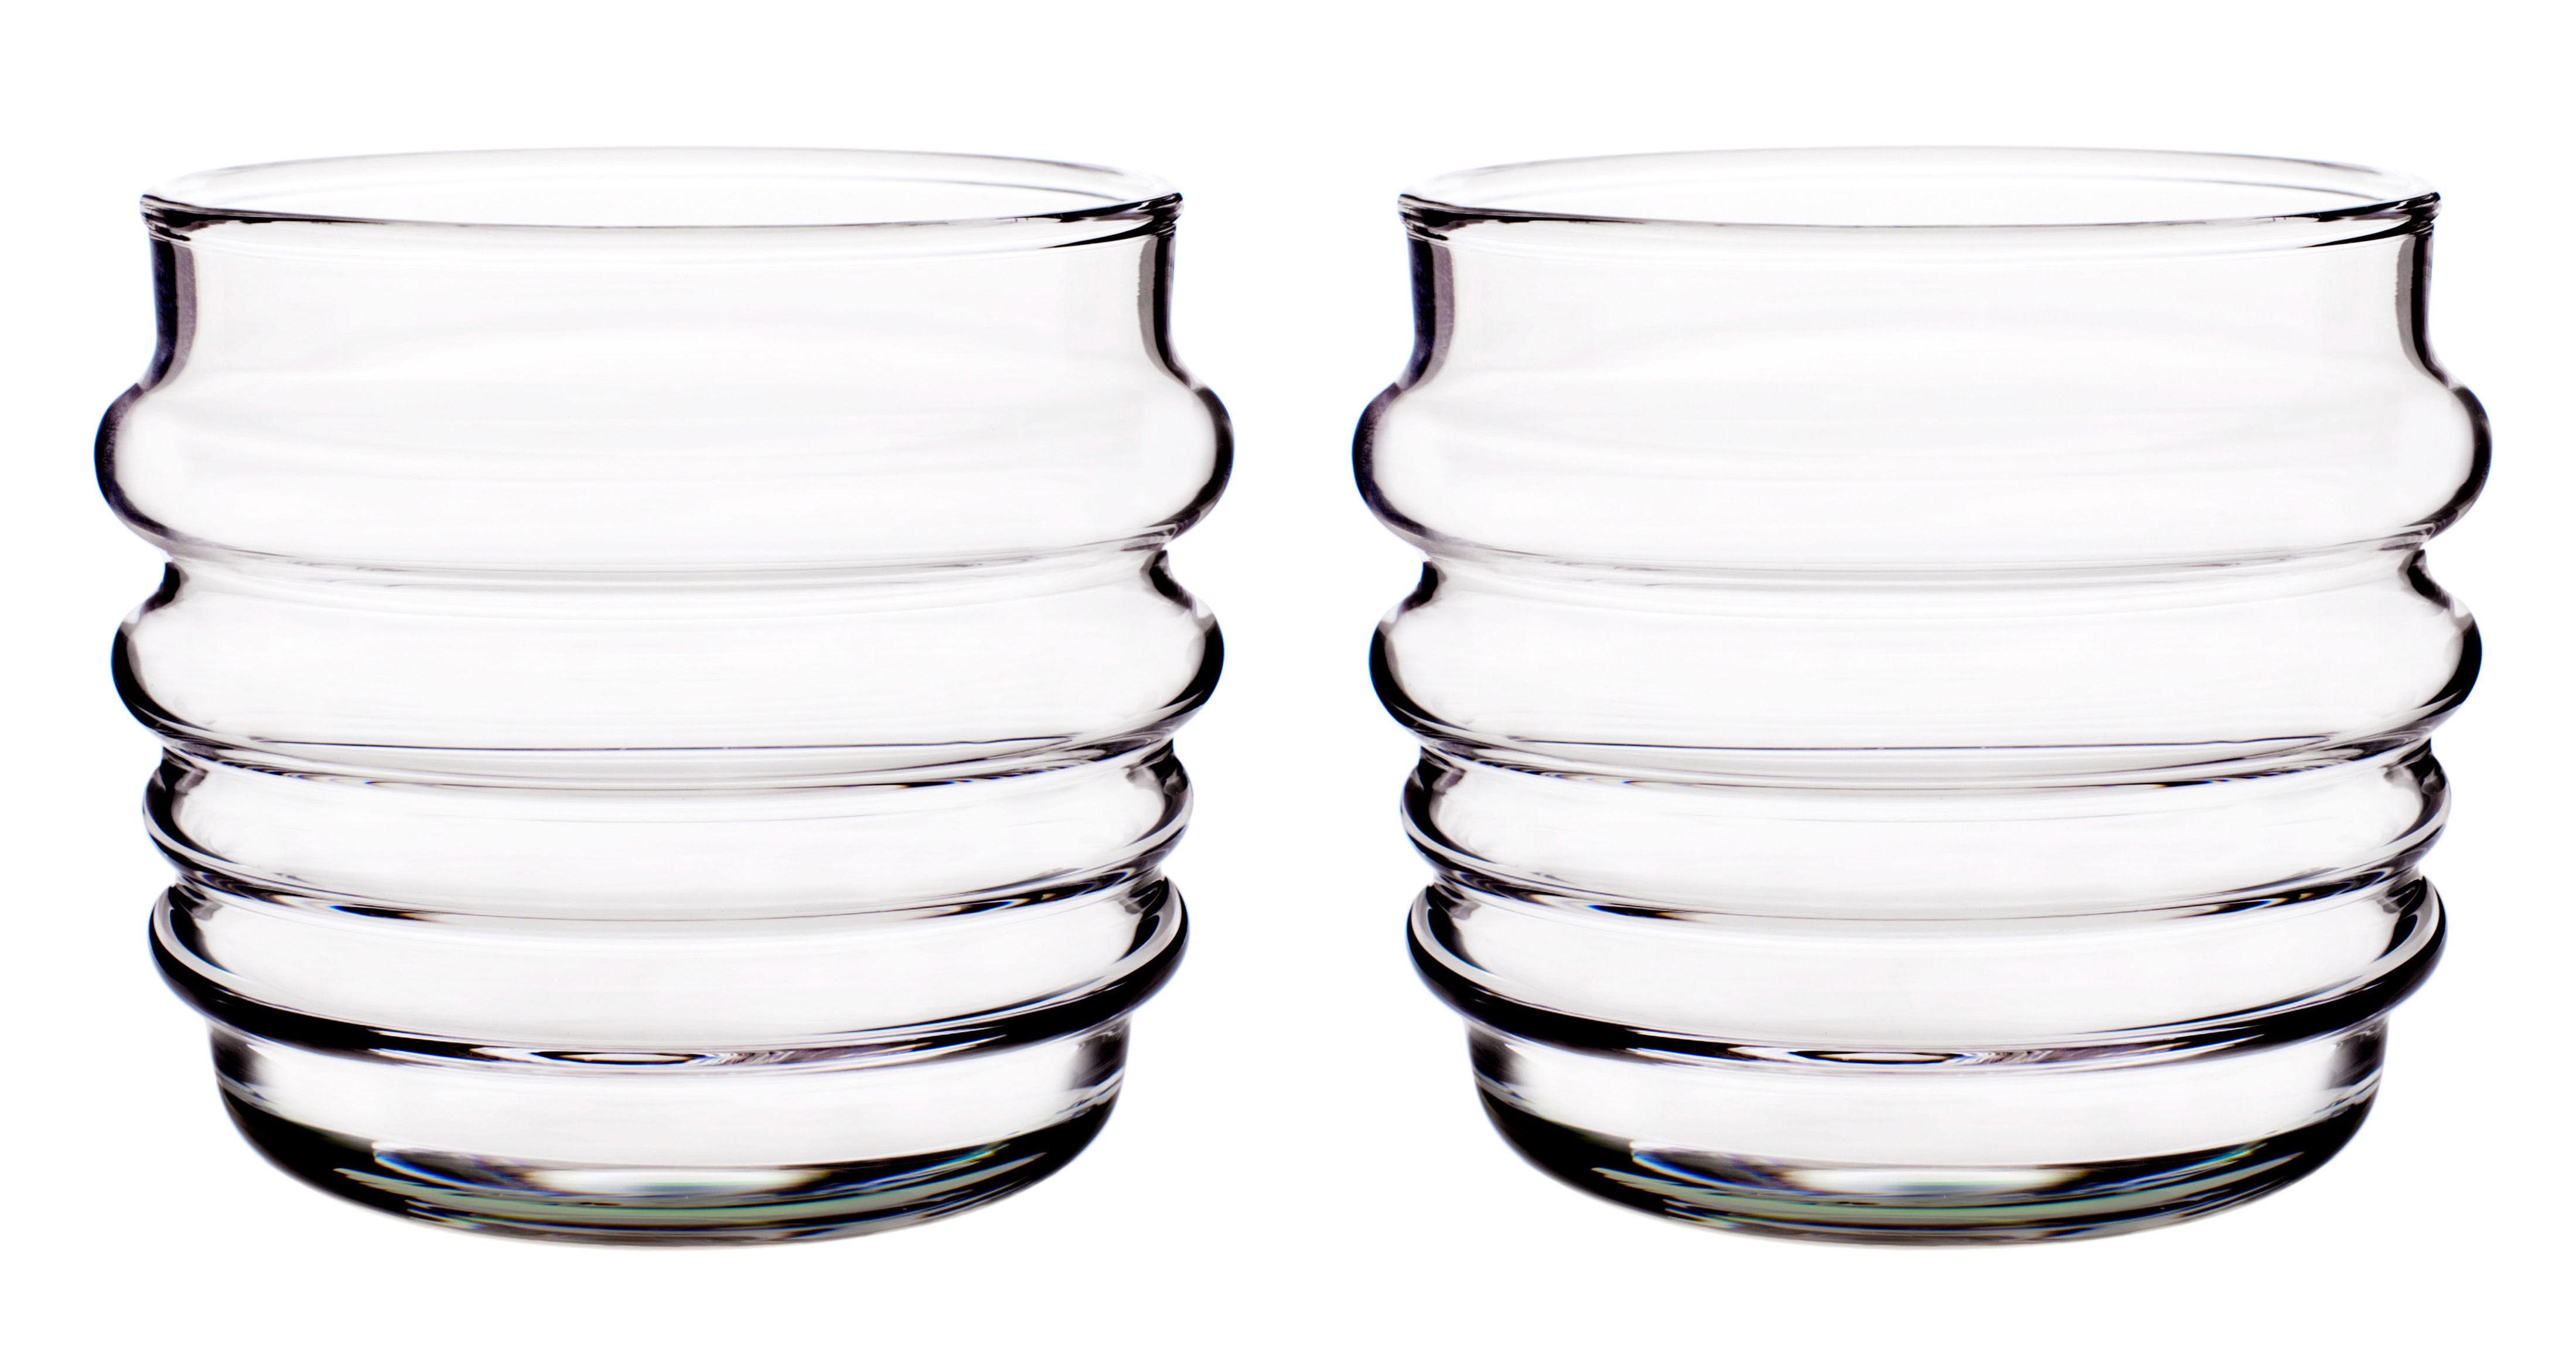 Arts de la table - Verres  - Verre Sukat Makkaralla / Set de 2 - Marimekko - Transparent - Verre soufflé bouche